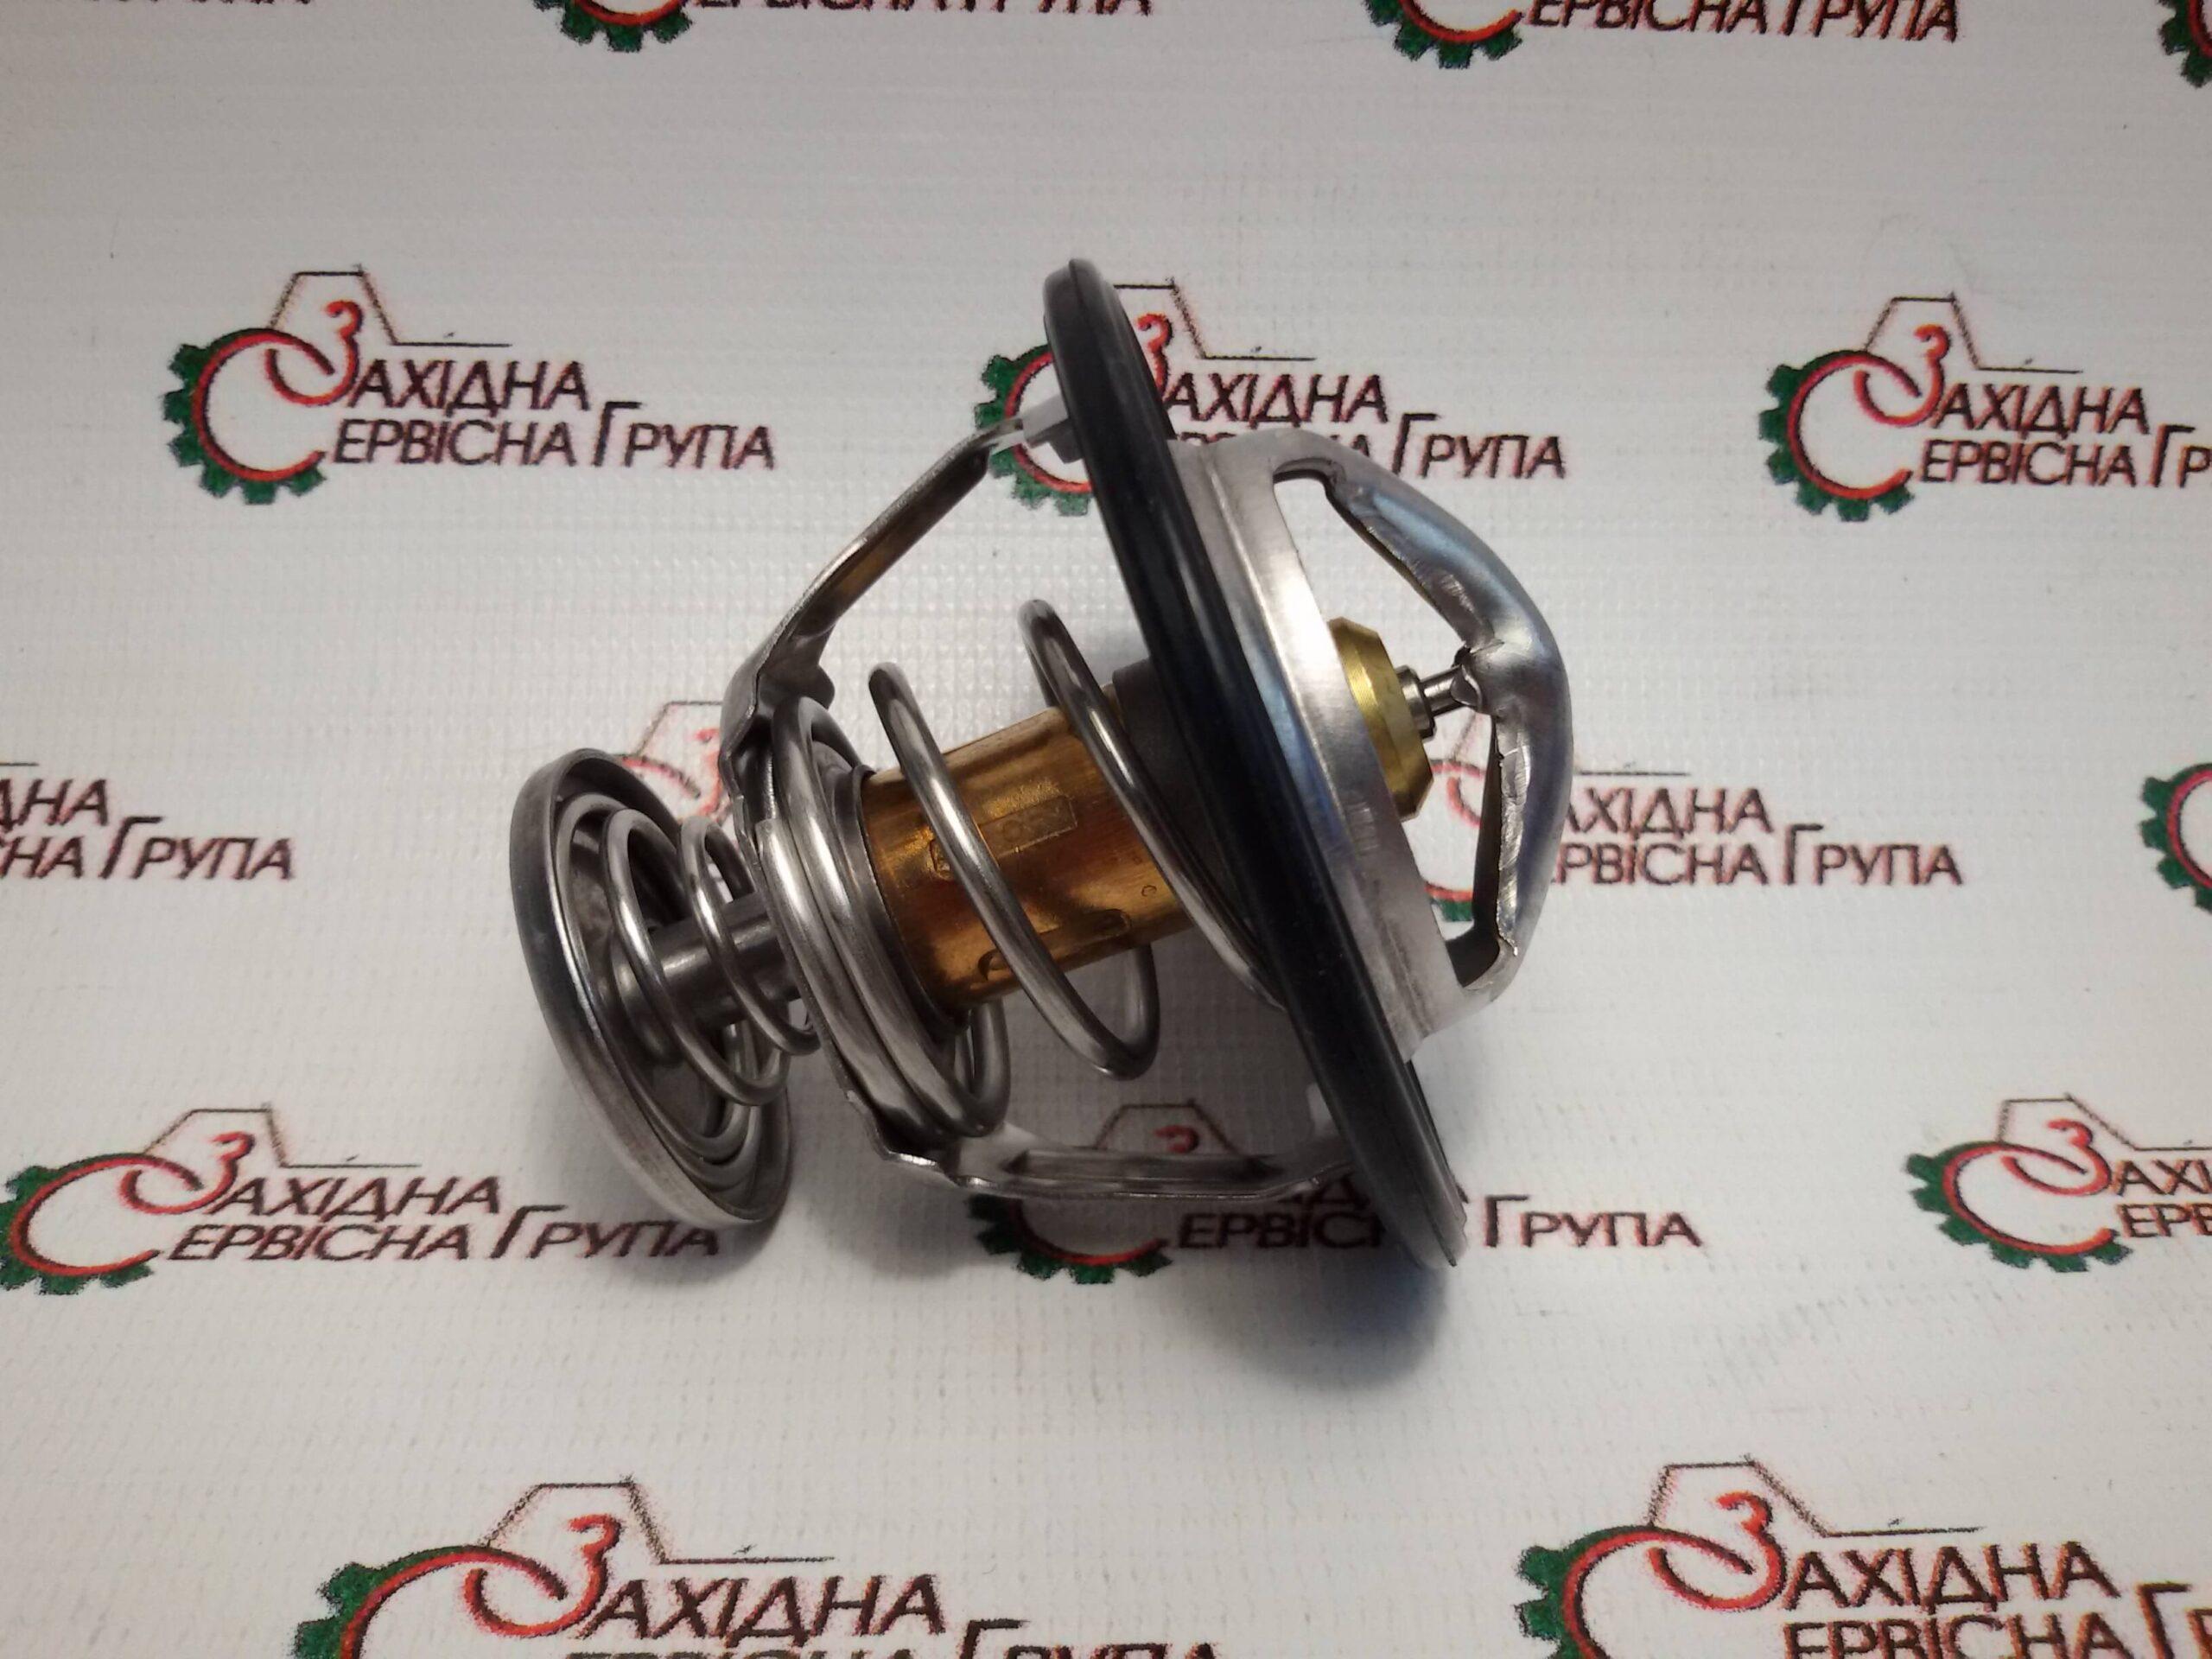 Термостат двигуна Cummins ISF 2.8, 5257076, 5337967, 4983736.